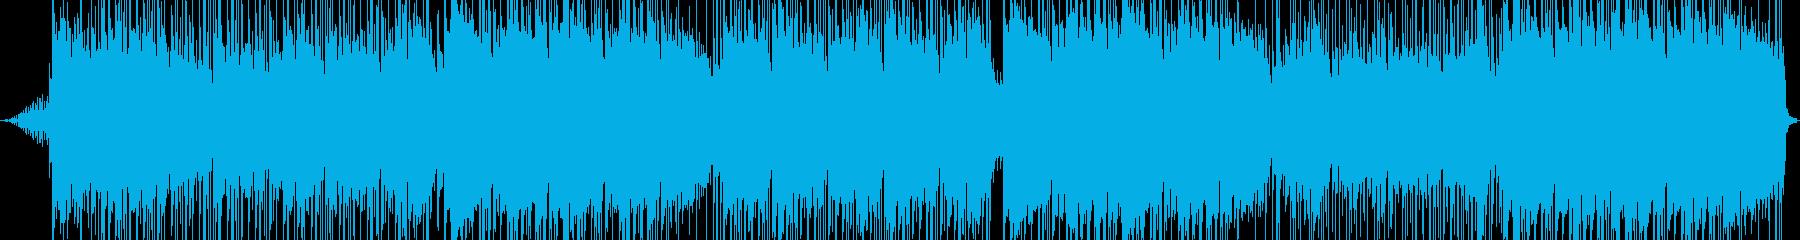 エネルギー。ハードロック。の再生済みの波形